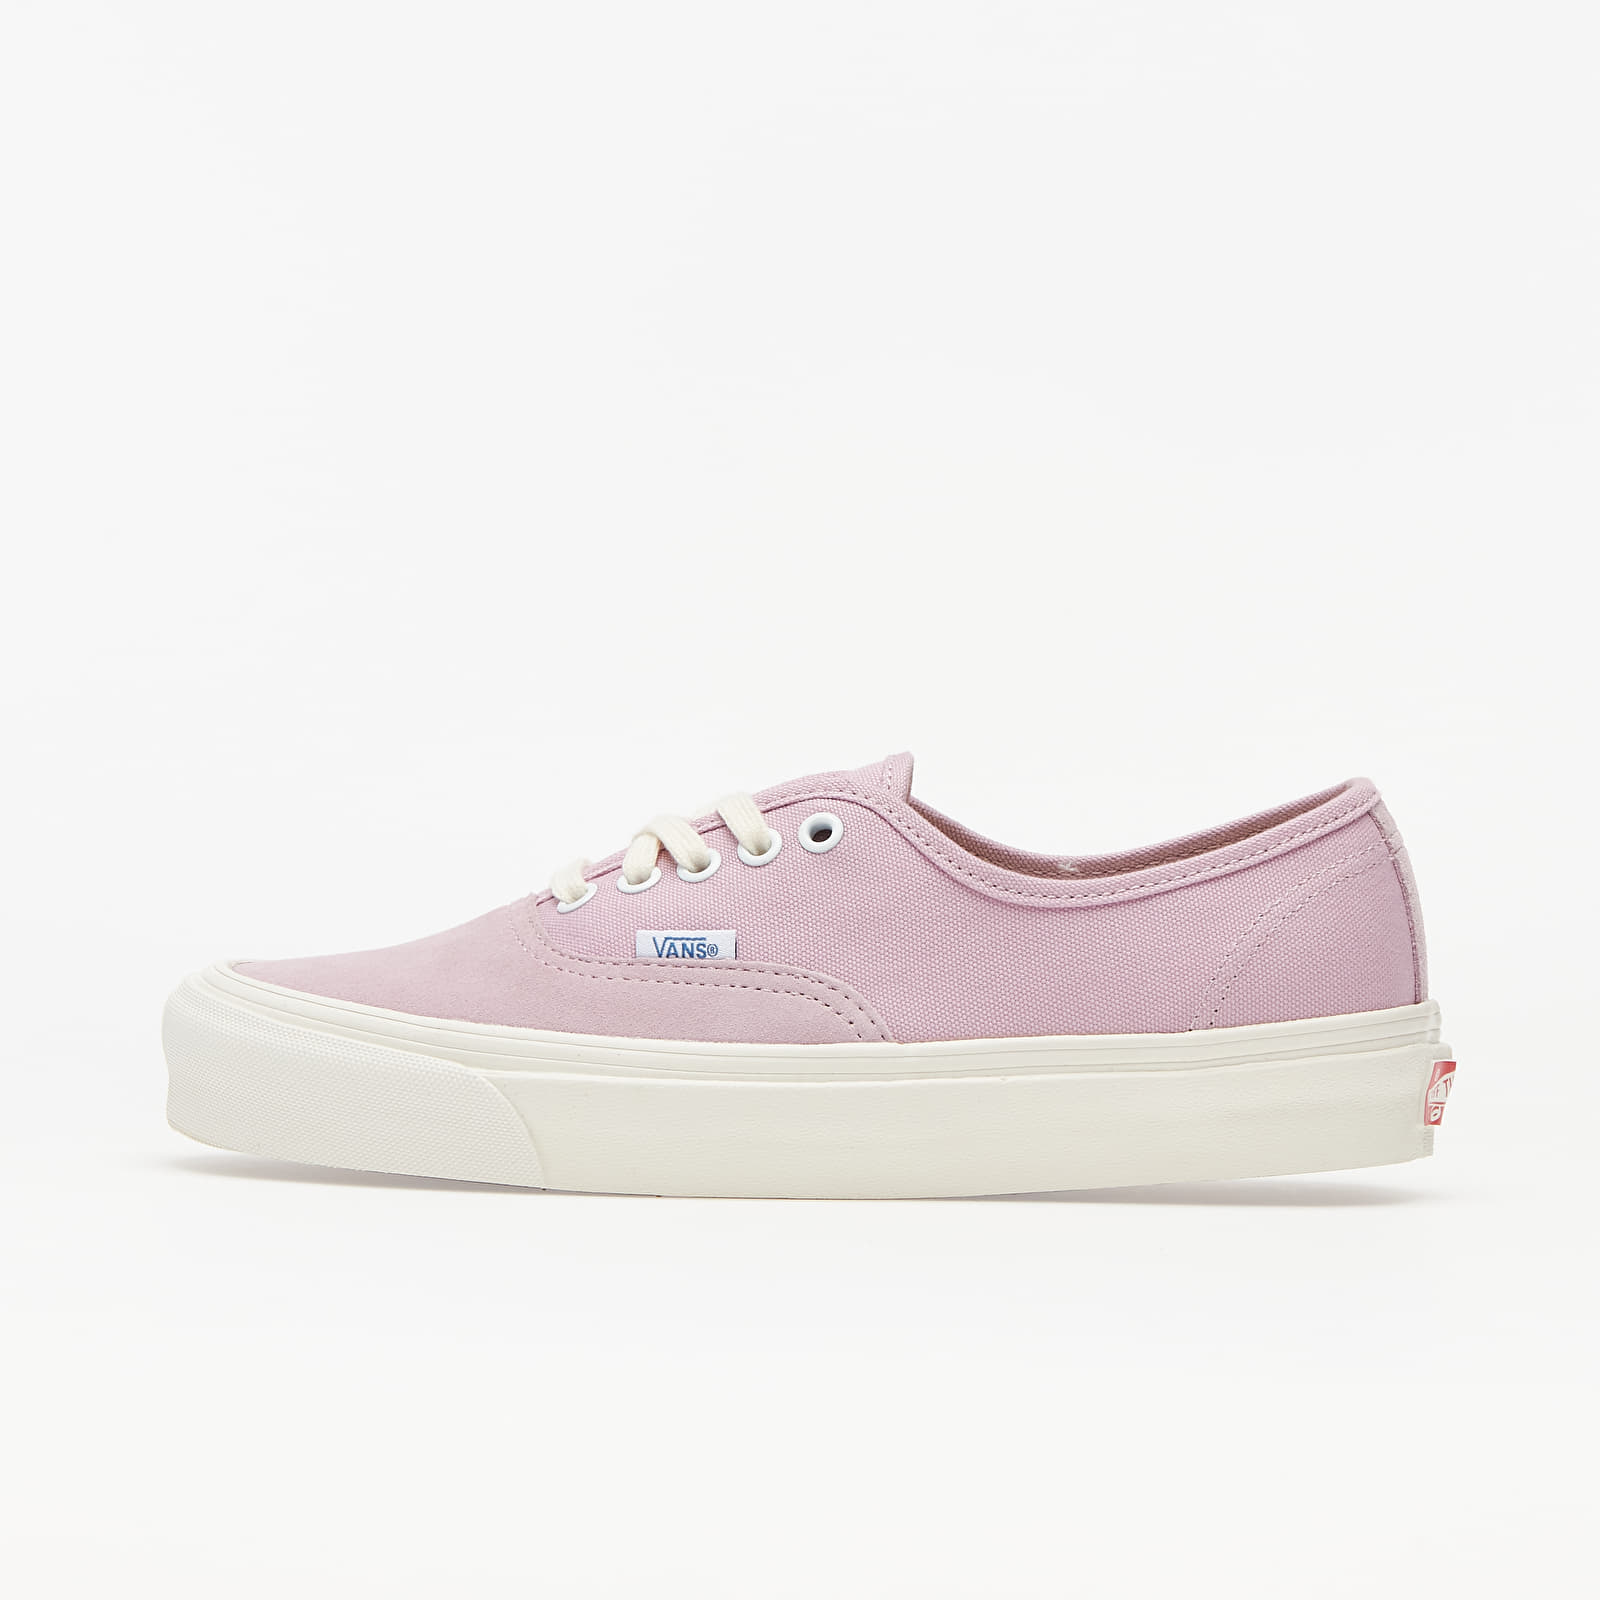 Men's shoes Vans OG Authentic LX (Suede/ Canvas) Fragrant Lilac